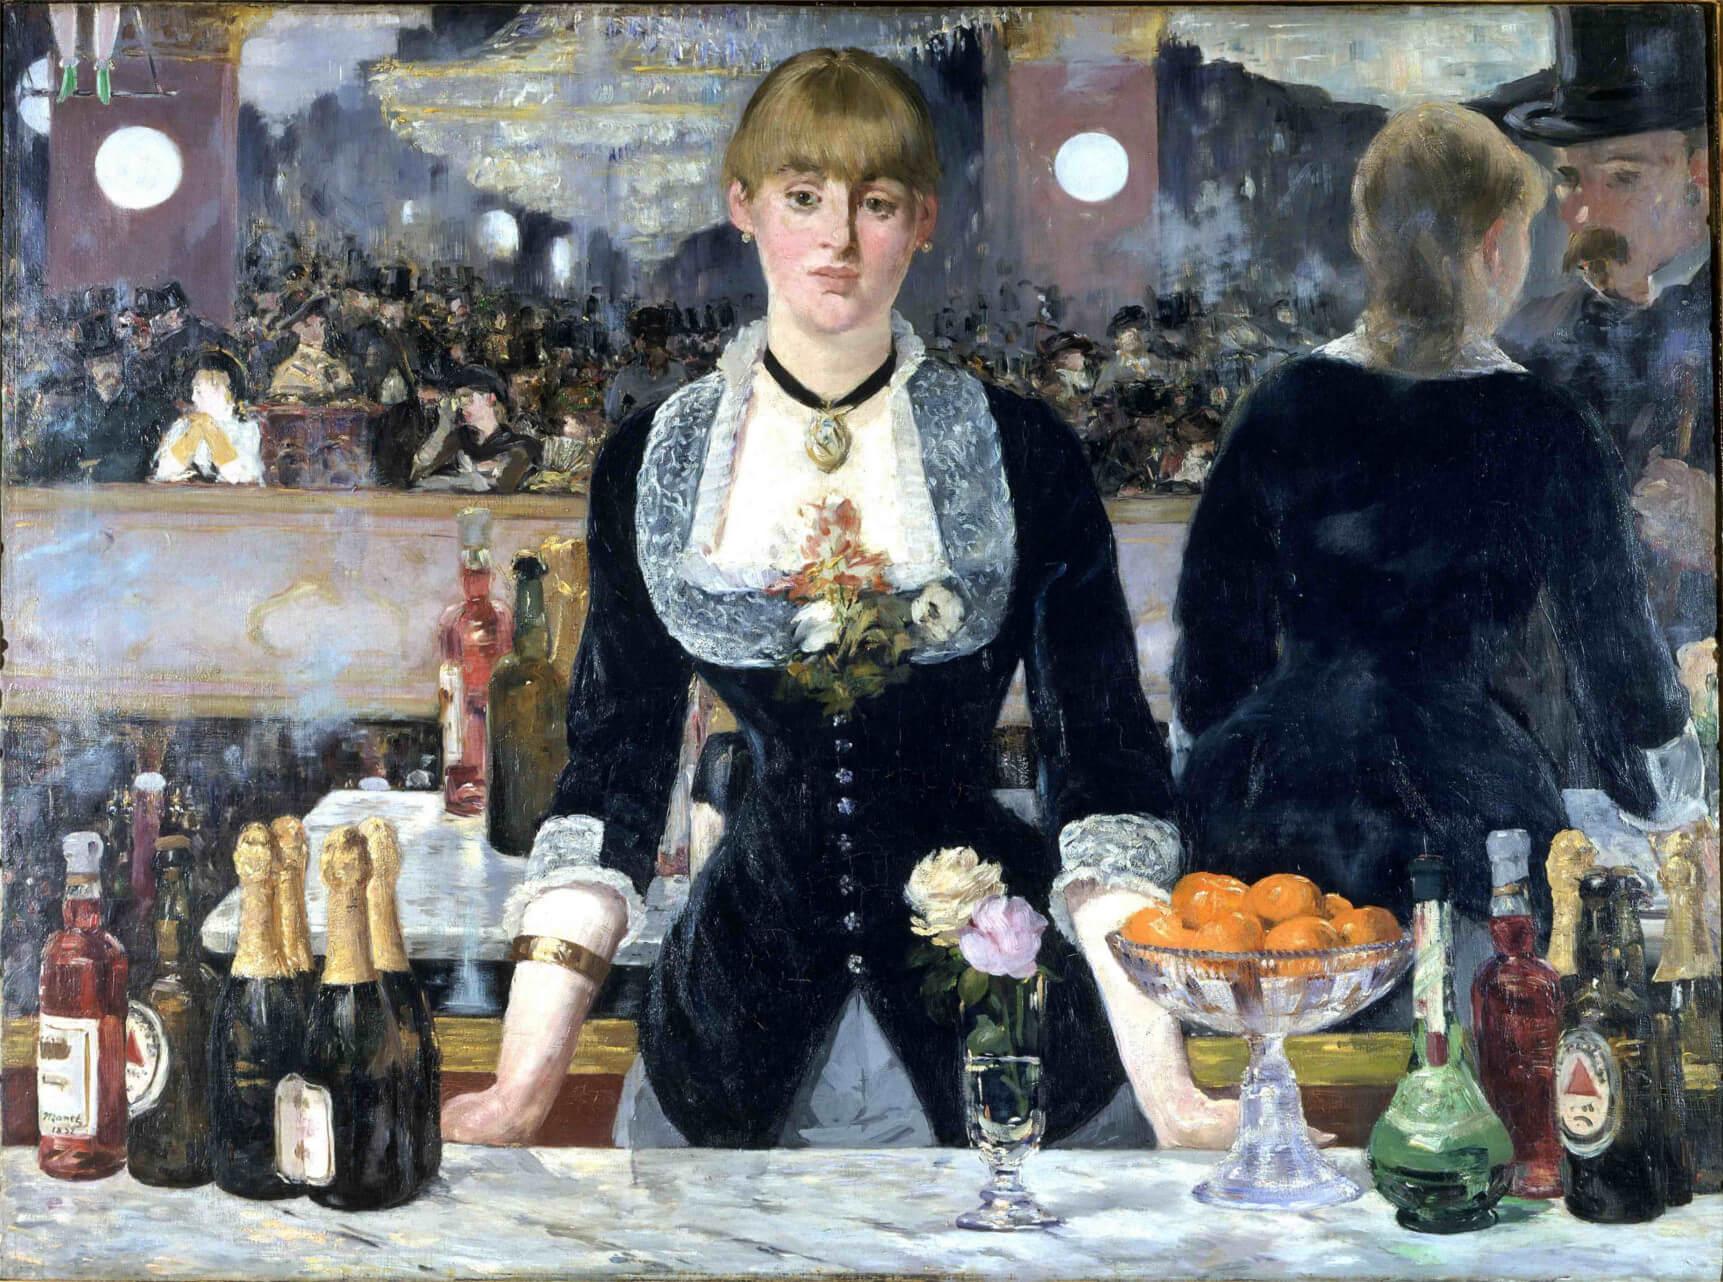 Il quadro Bar delle Folies Bergère di Edouard Manet è un 'opera d'arte di un pittore moderno.